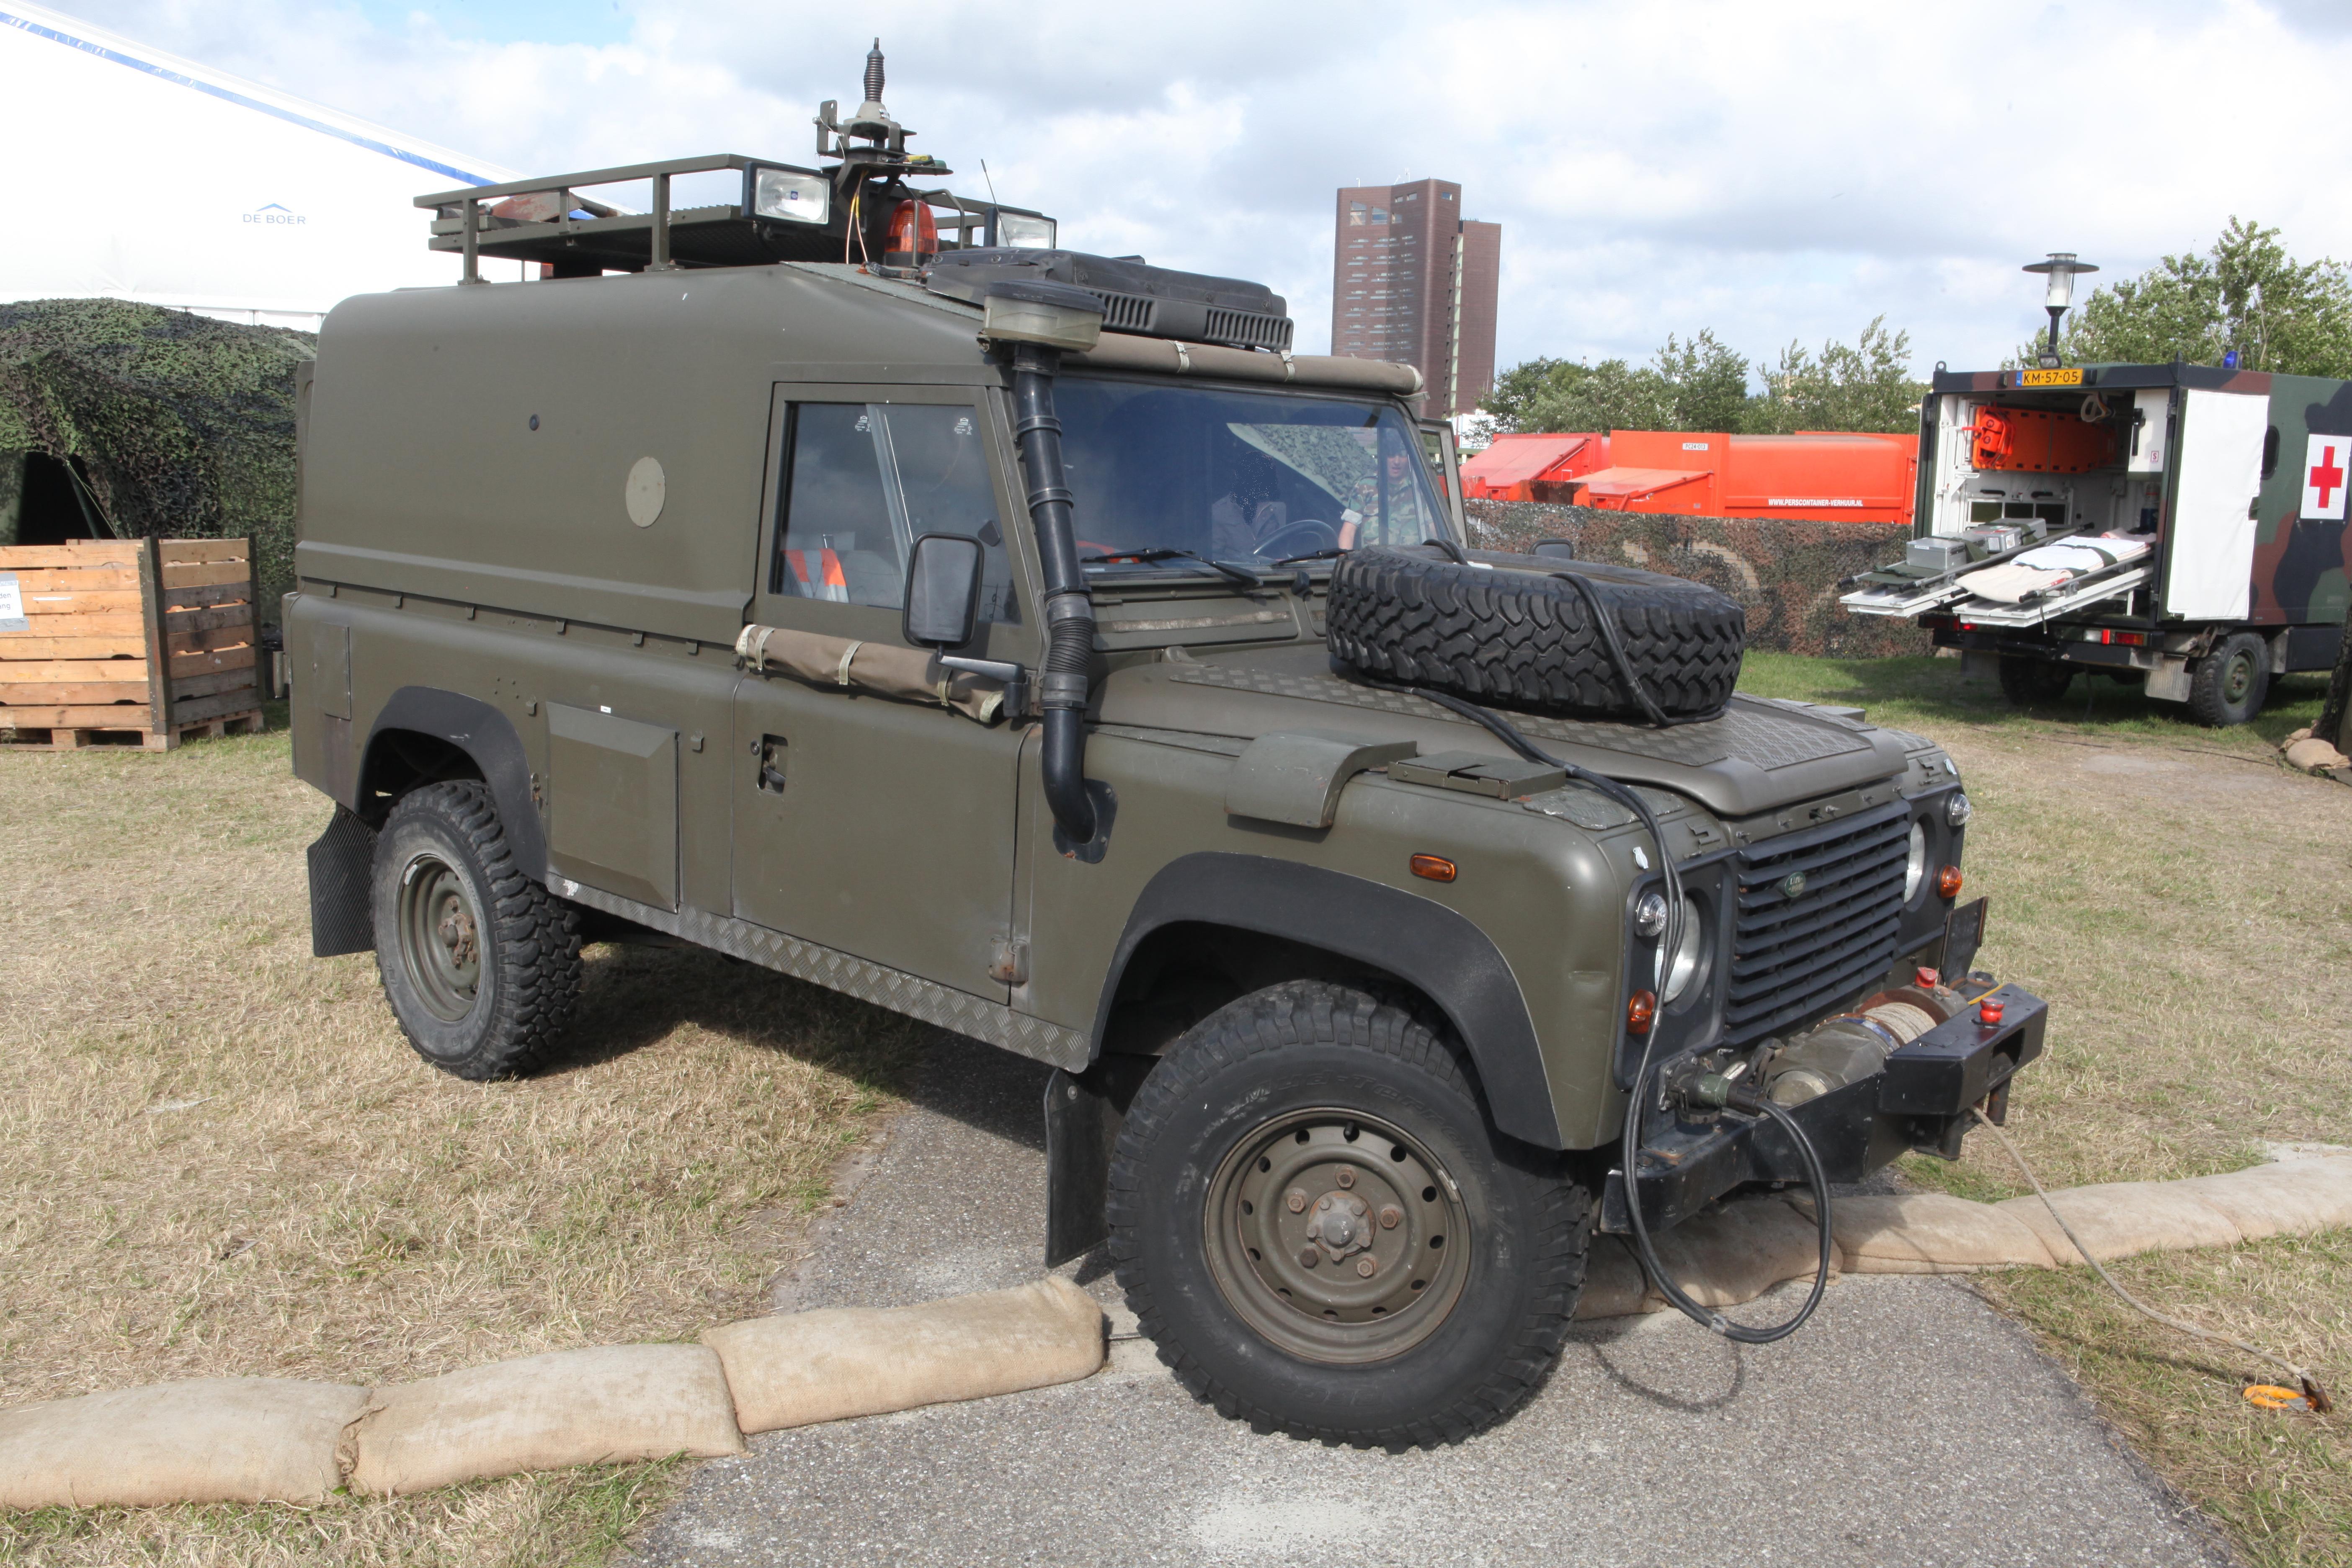 file land rover defender netherlands marine corps flickr joost j bakker ijmuiden 1 jpg. Black Bedroom Furniture Sets. Home Design Ideas